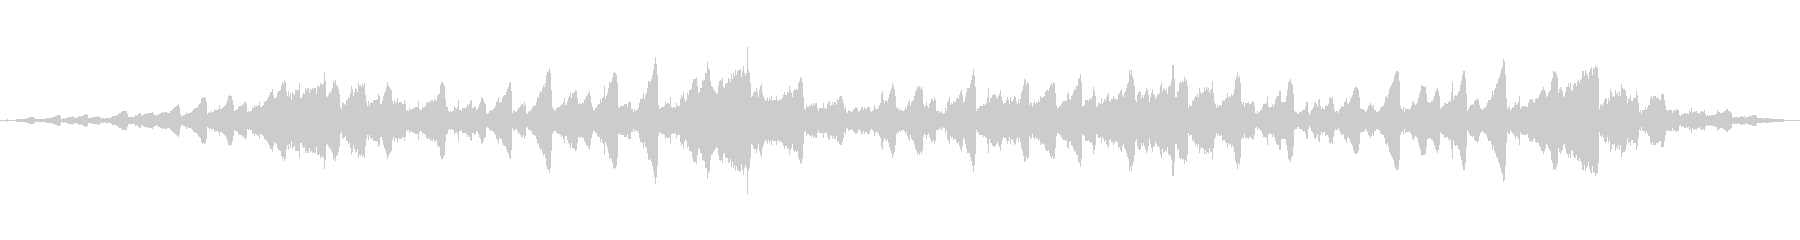 幻想的な音の未再生の波形